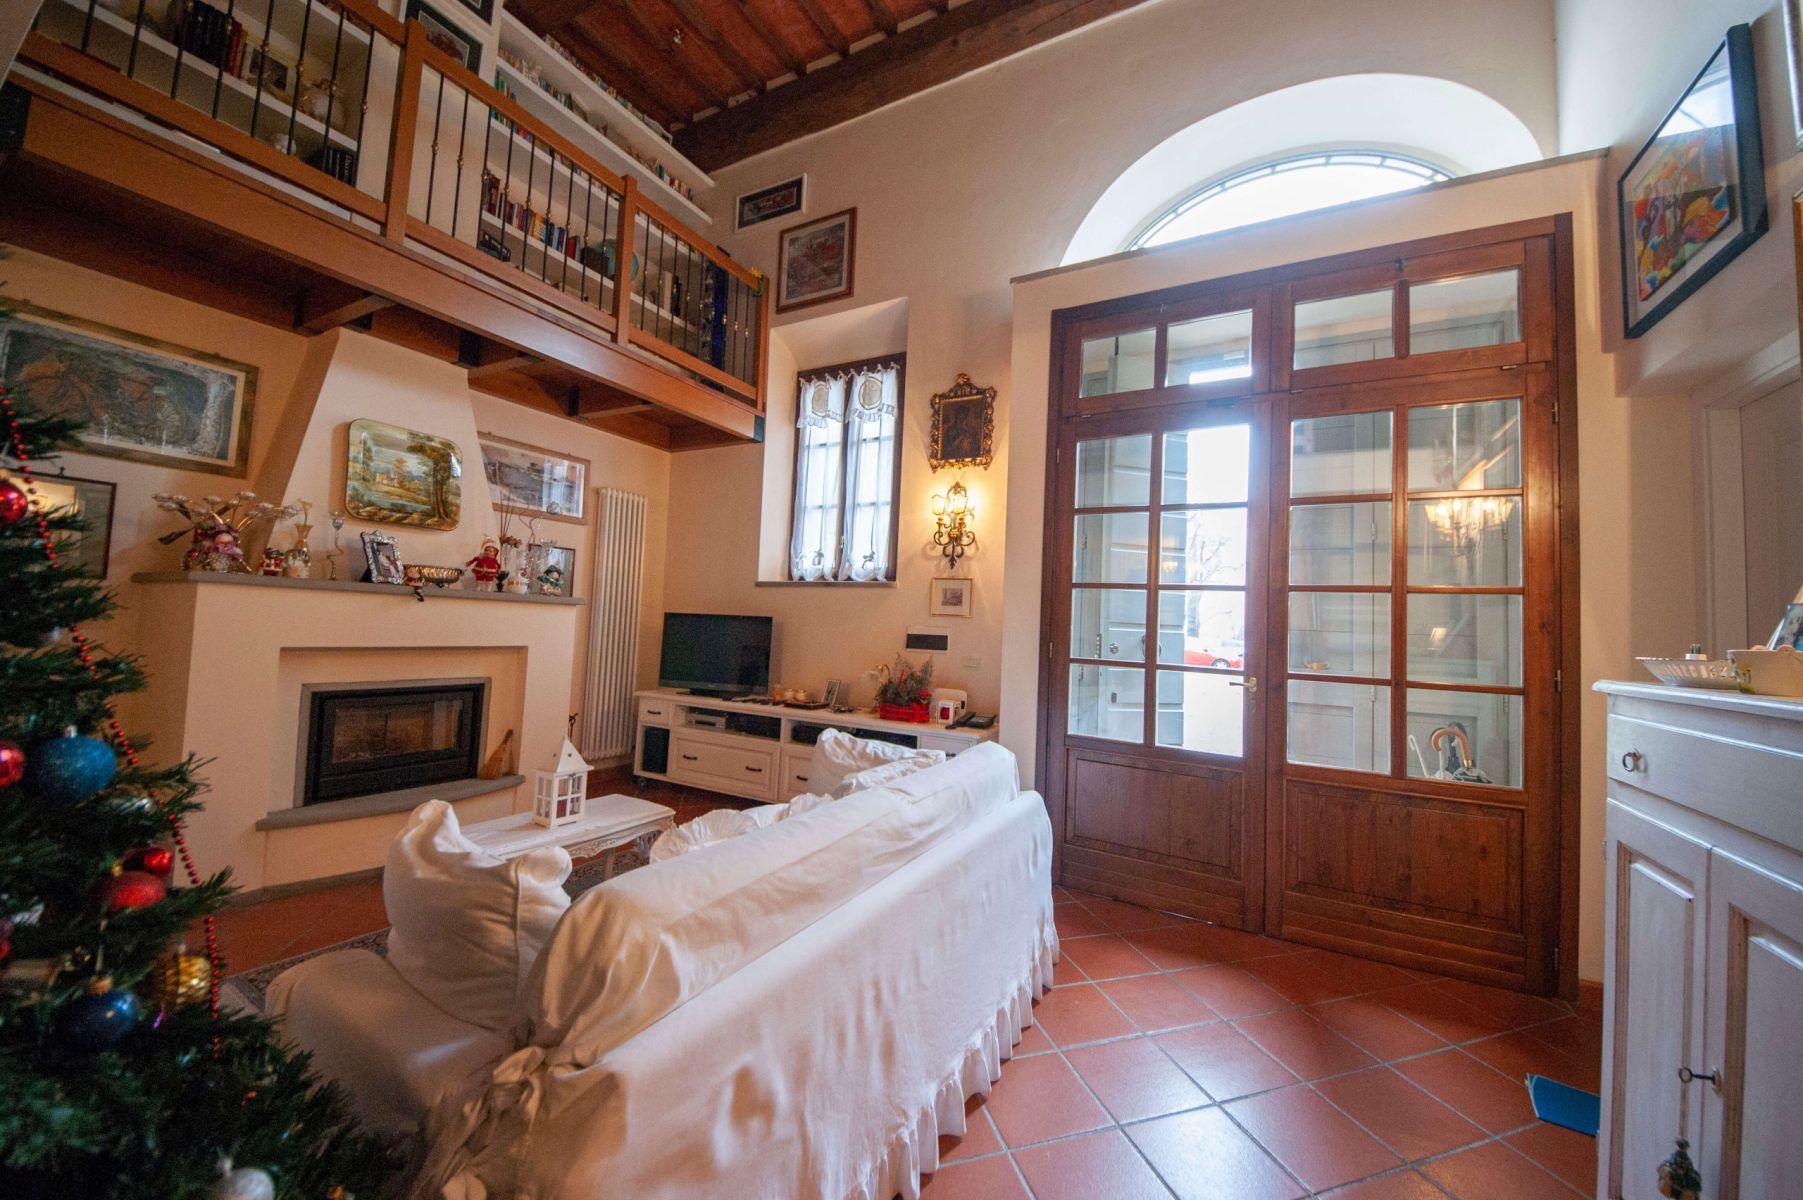 Prodej bytu v toskánském stylu, 204 m2, Calcinaia